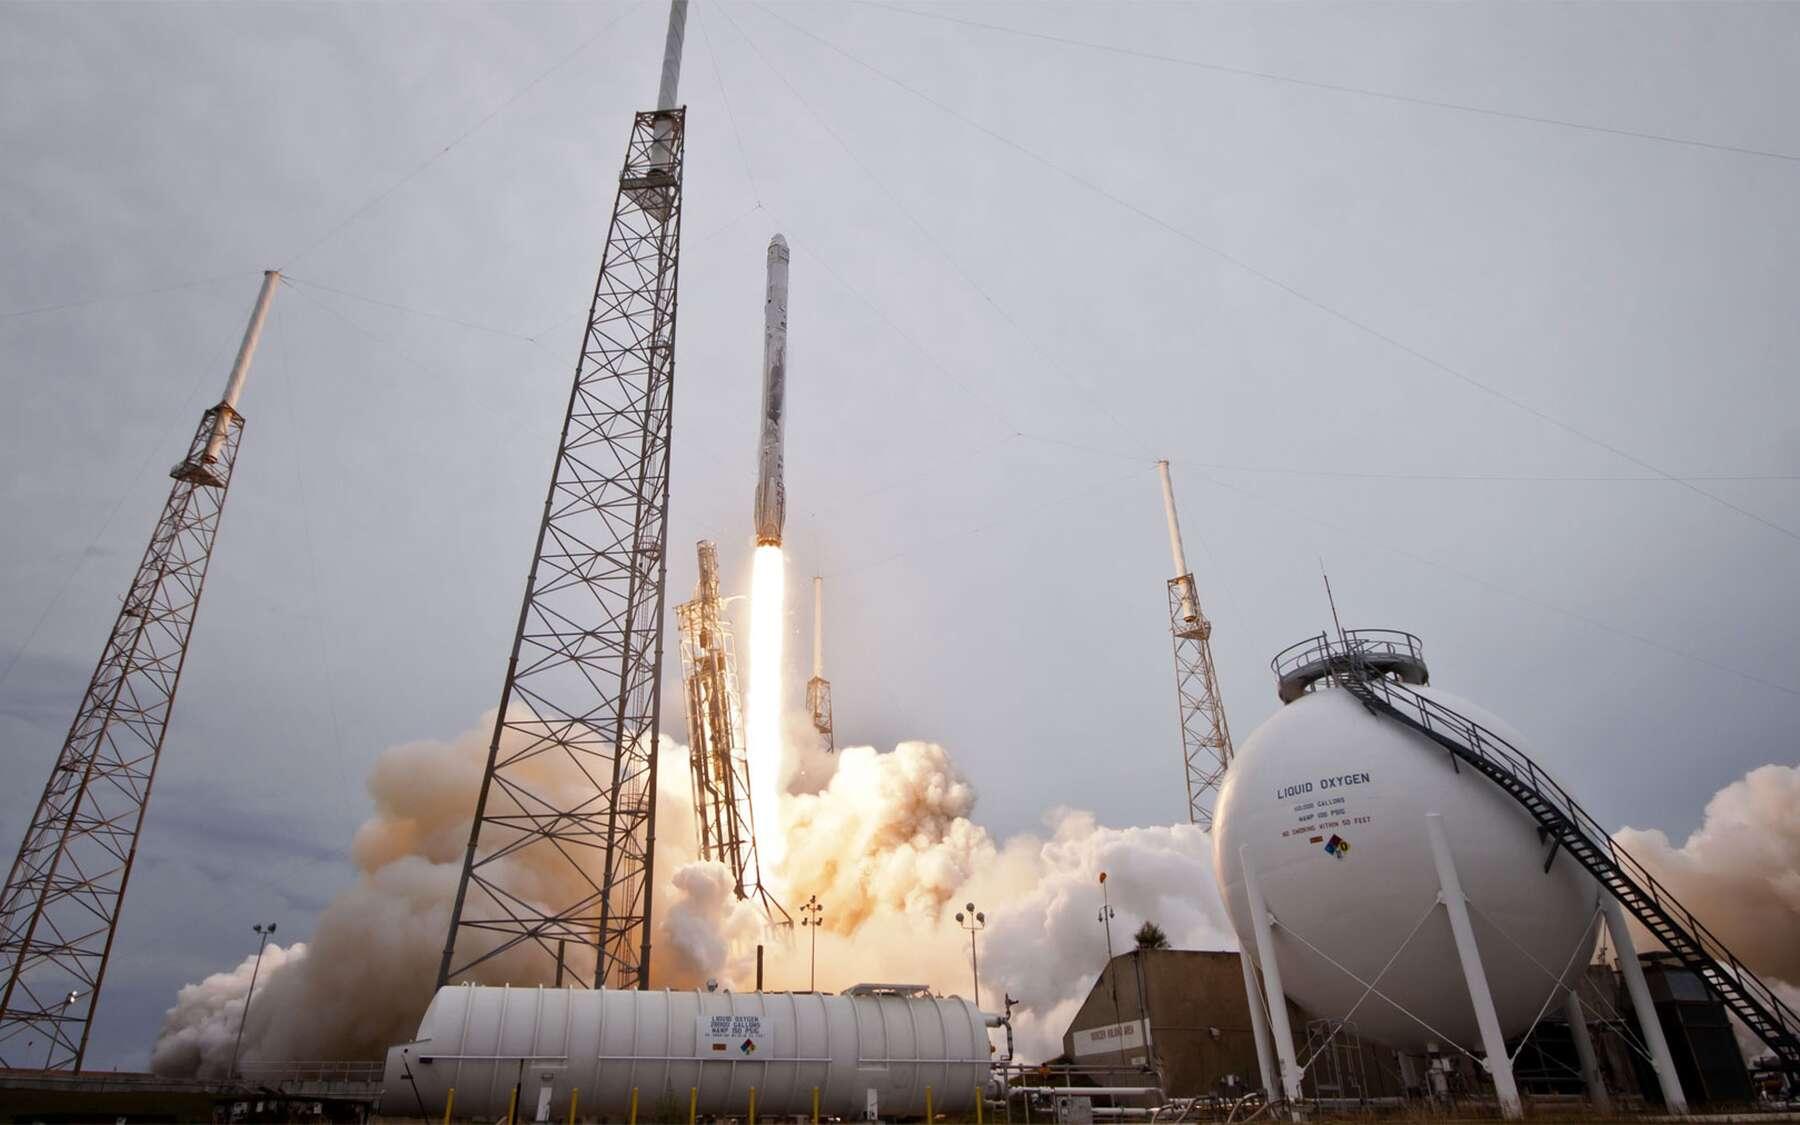 Le prochain lancement du Falcon 9 ne devrait pas avoir lieu avant le courant du mois de novembre. Ici, le lancement d'une capsule Dragon à destination de l'ISS. © SpaceX